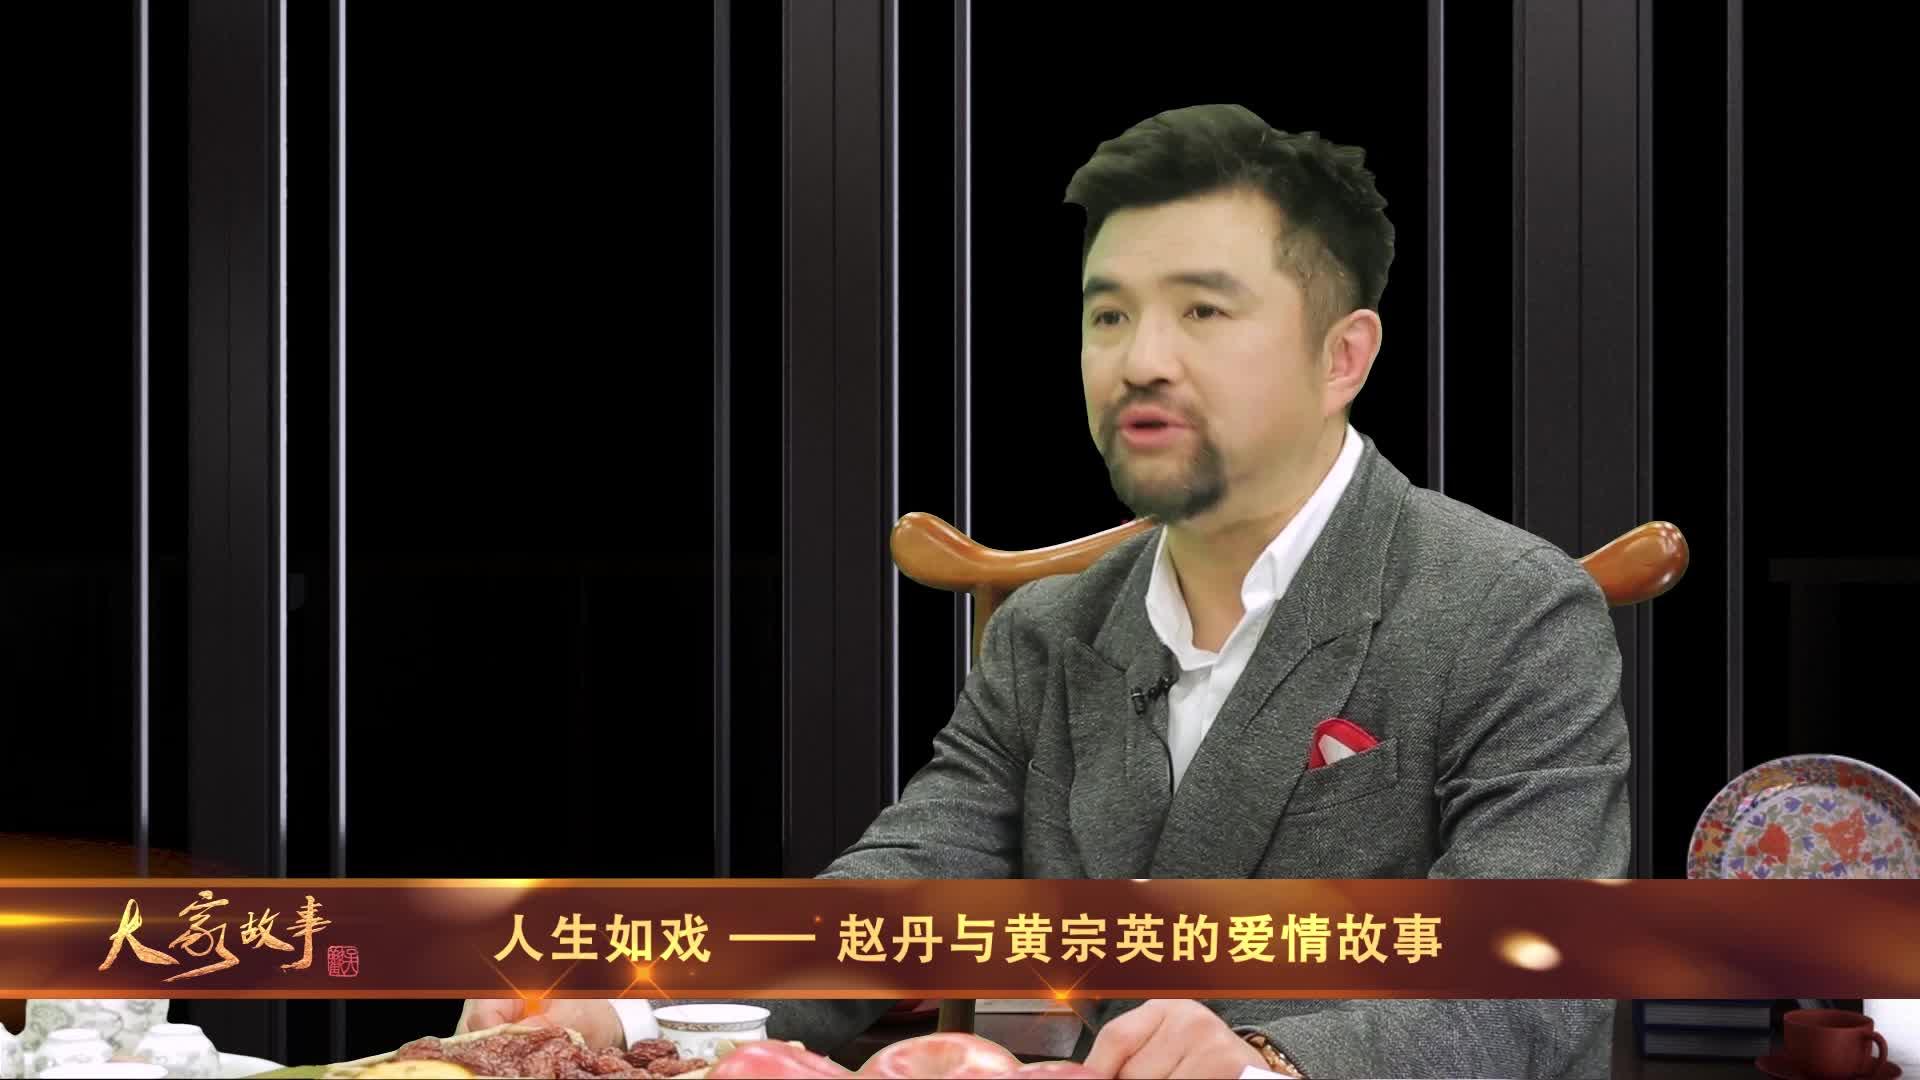 【大家故事】人生如戏 赵丹与黄宗英的爱情故事